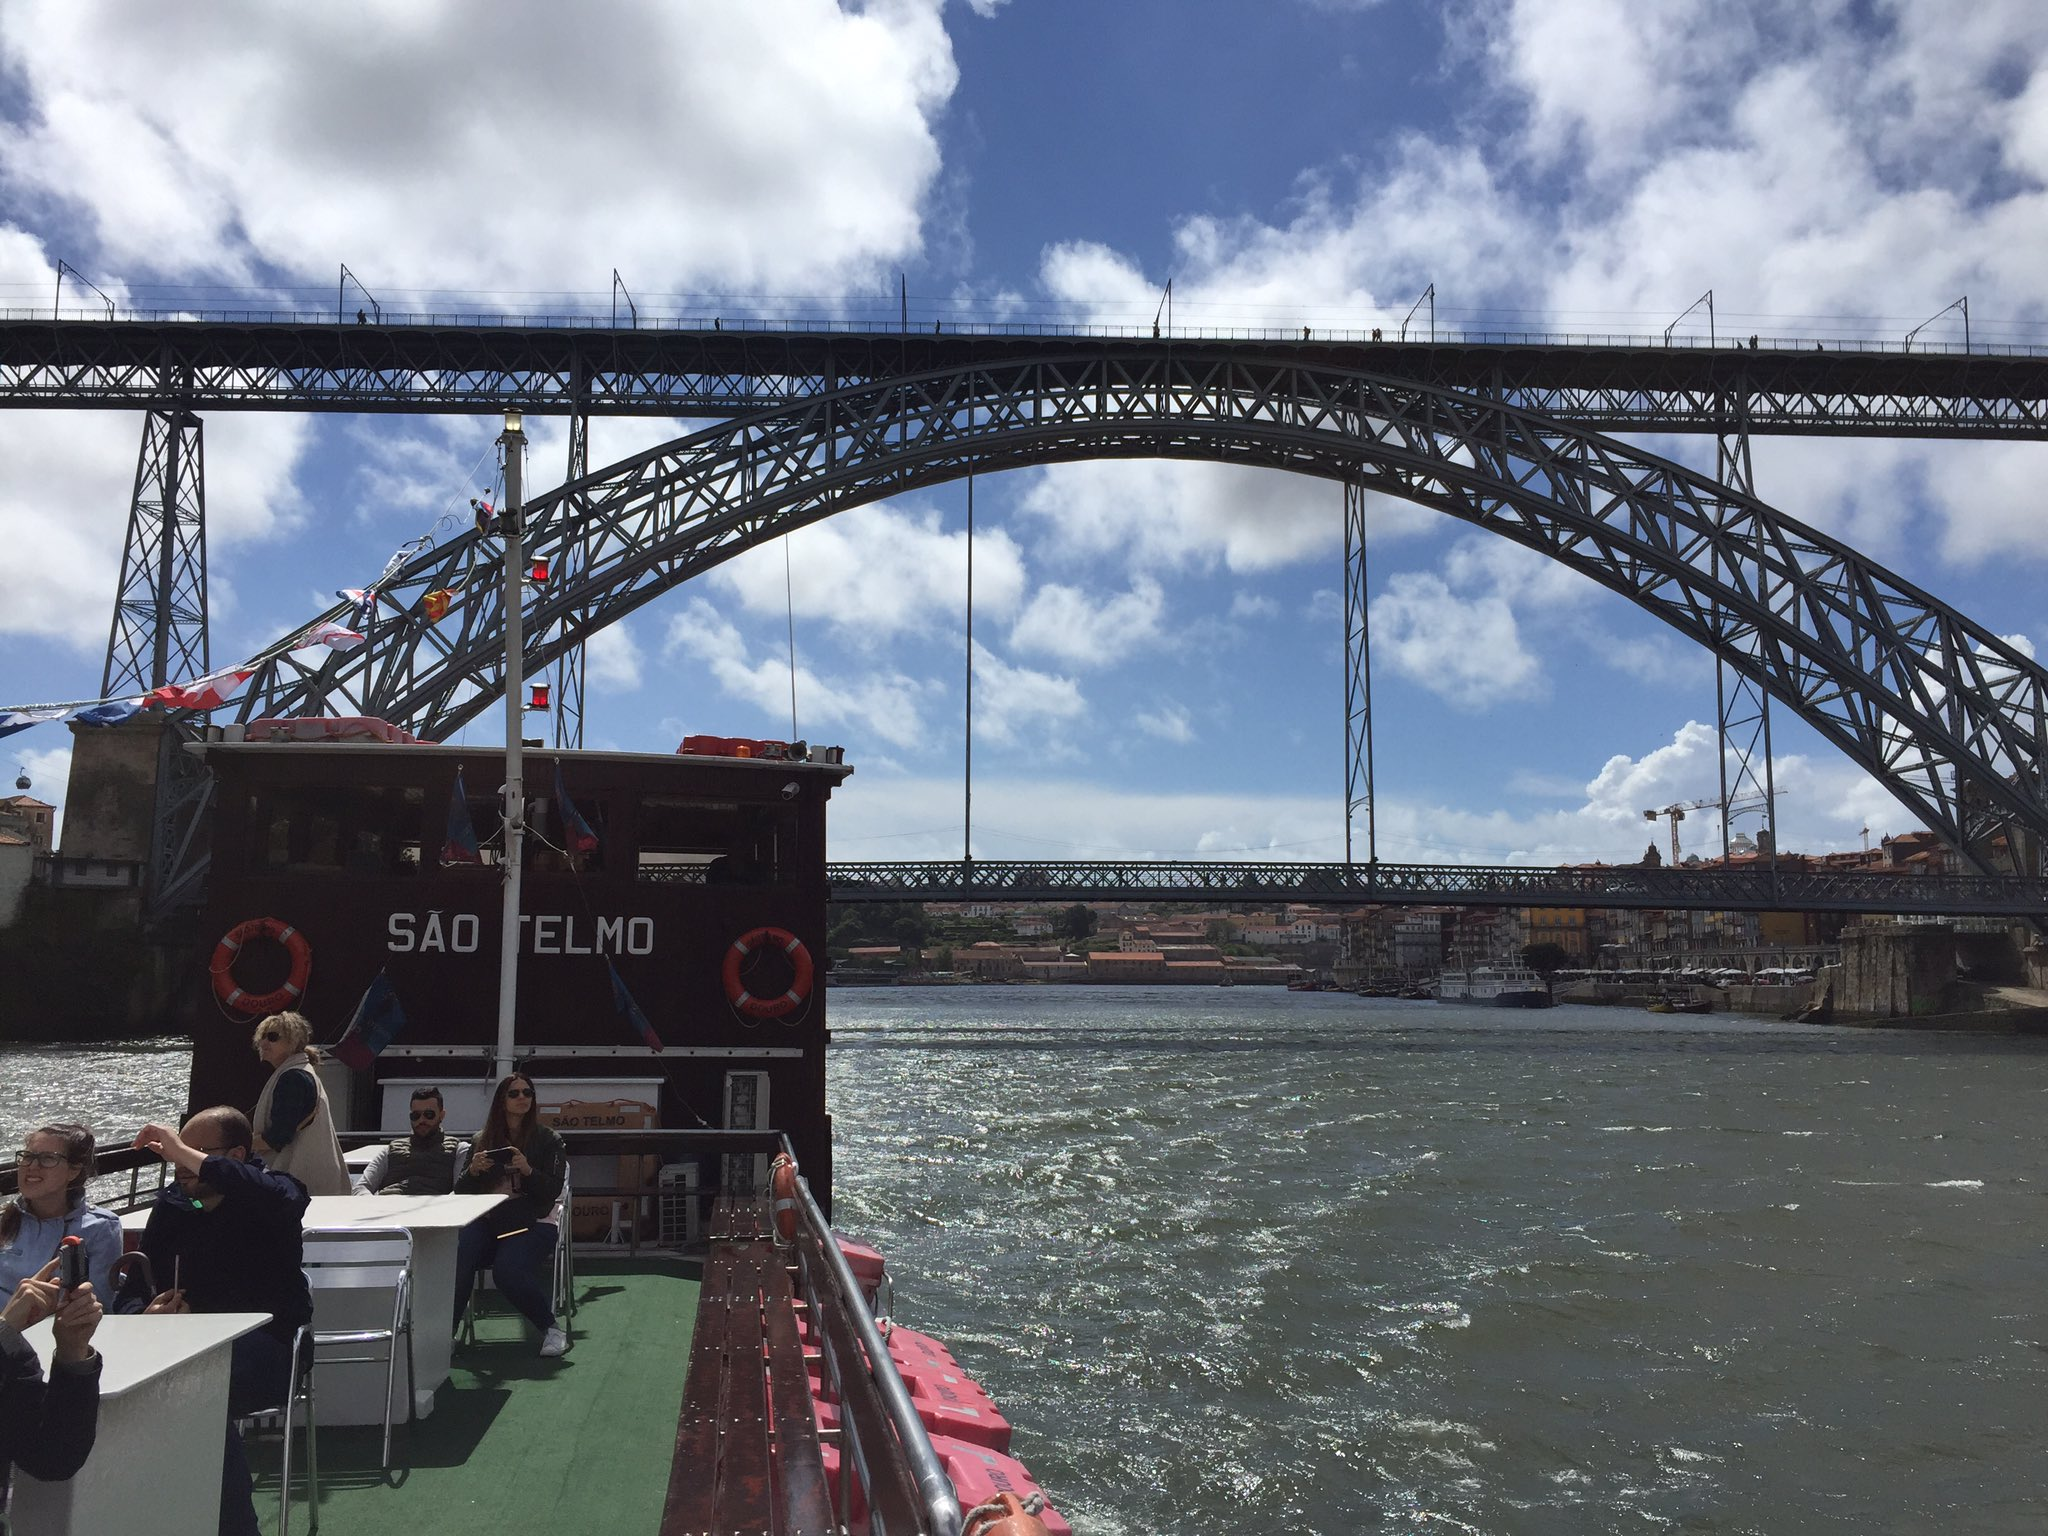 Descubriendo #Oporto una ciudad para perderse #ViajeOportuno https://t.co/DK3oLKRNGK